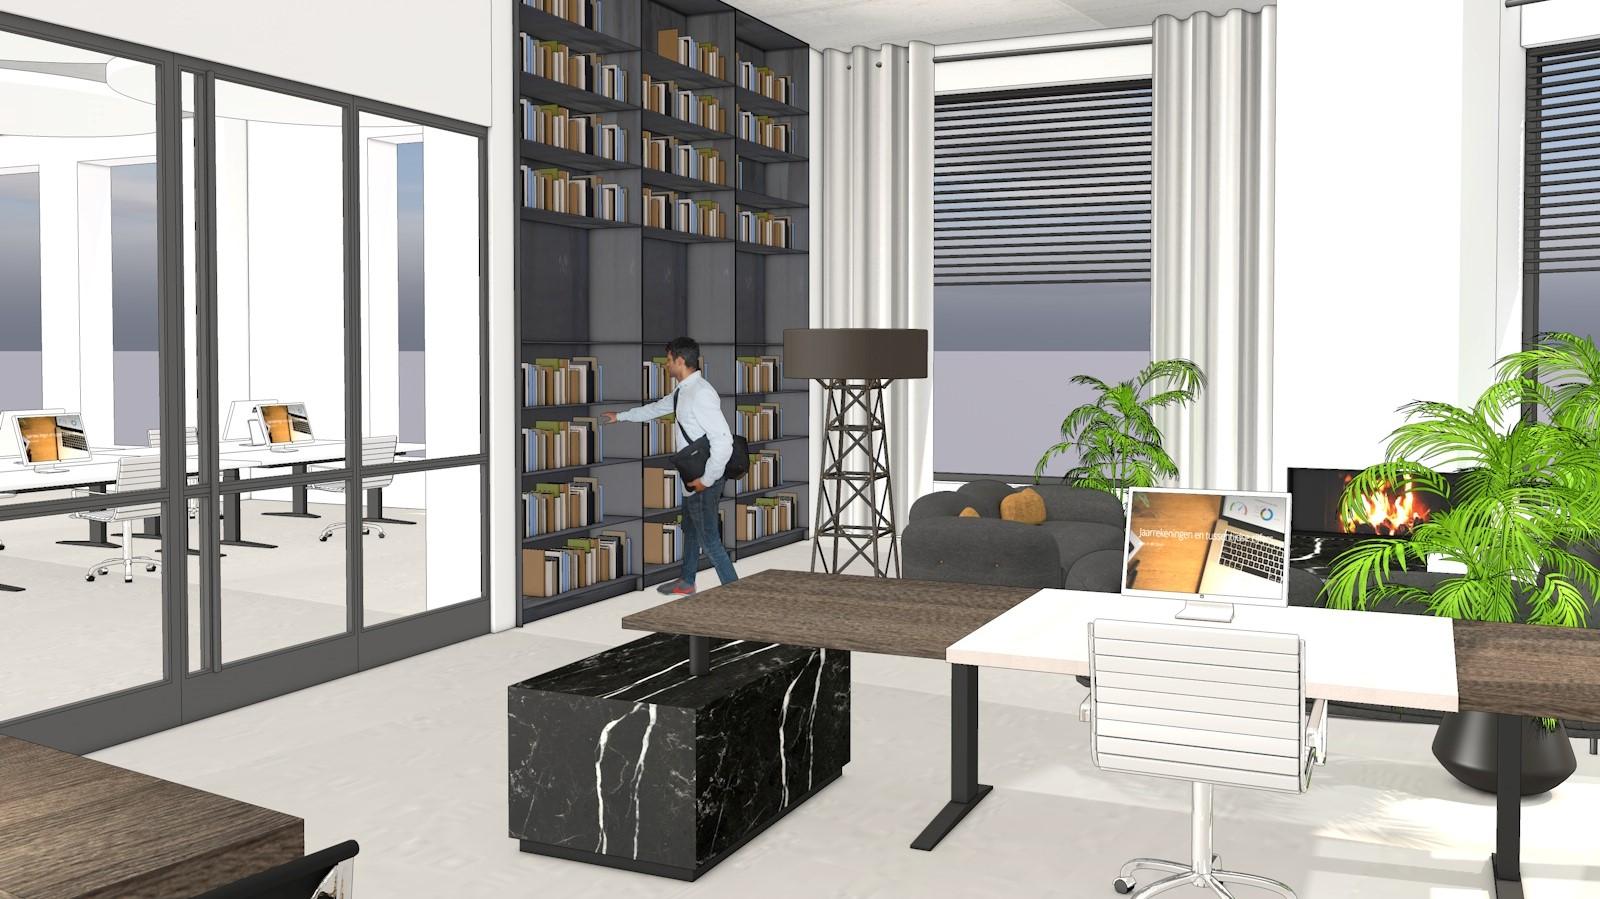 Ontwerp interieur kantoorinrichting maar dan inspirerend for Ontwerp kantoorinrichting